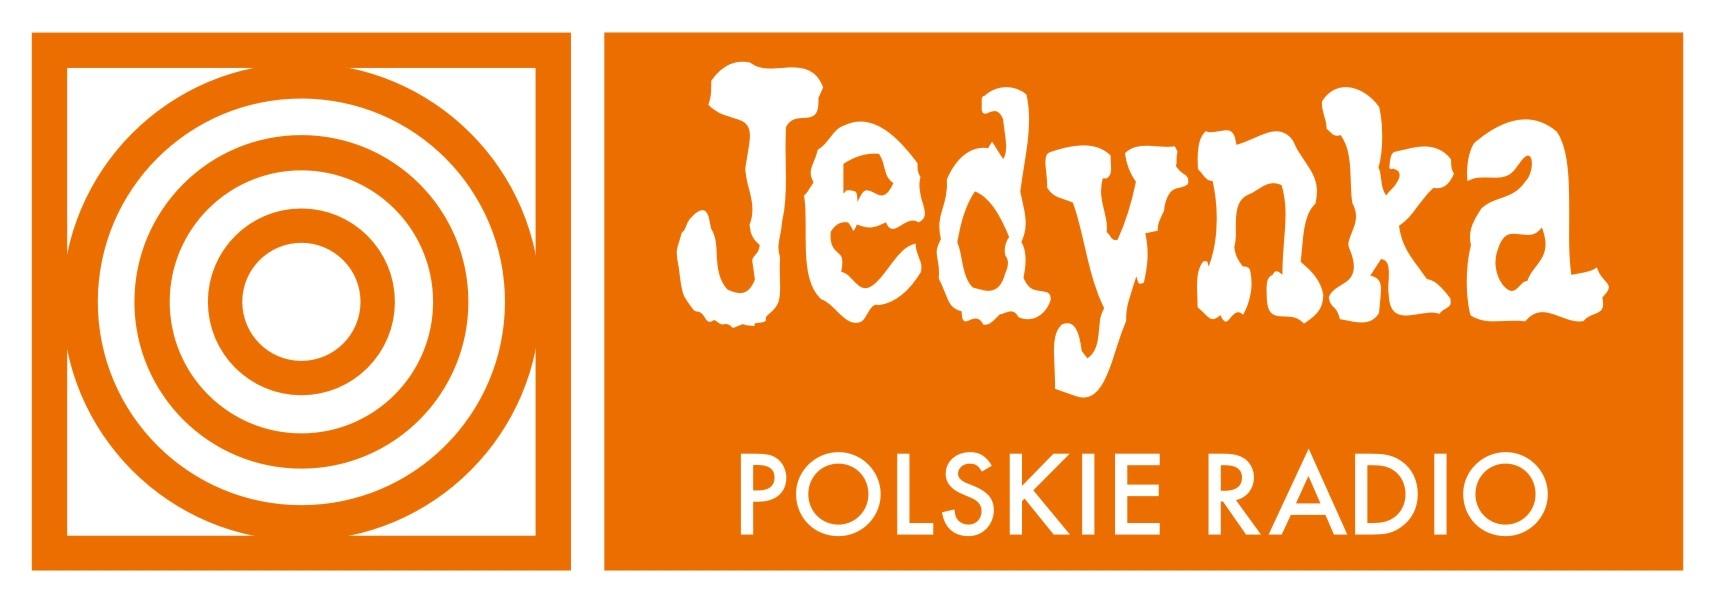 Jedynka Polskie Radio